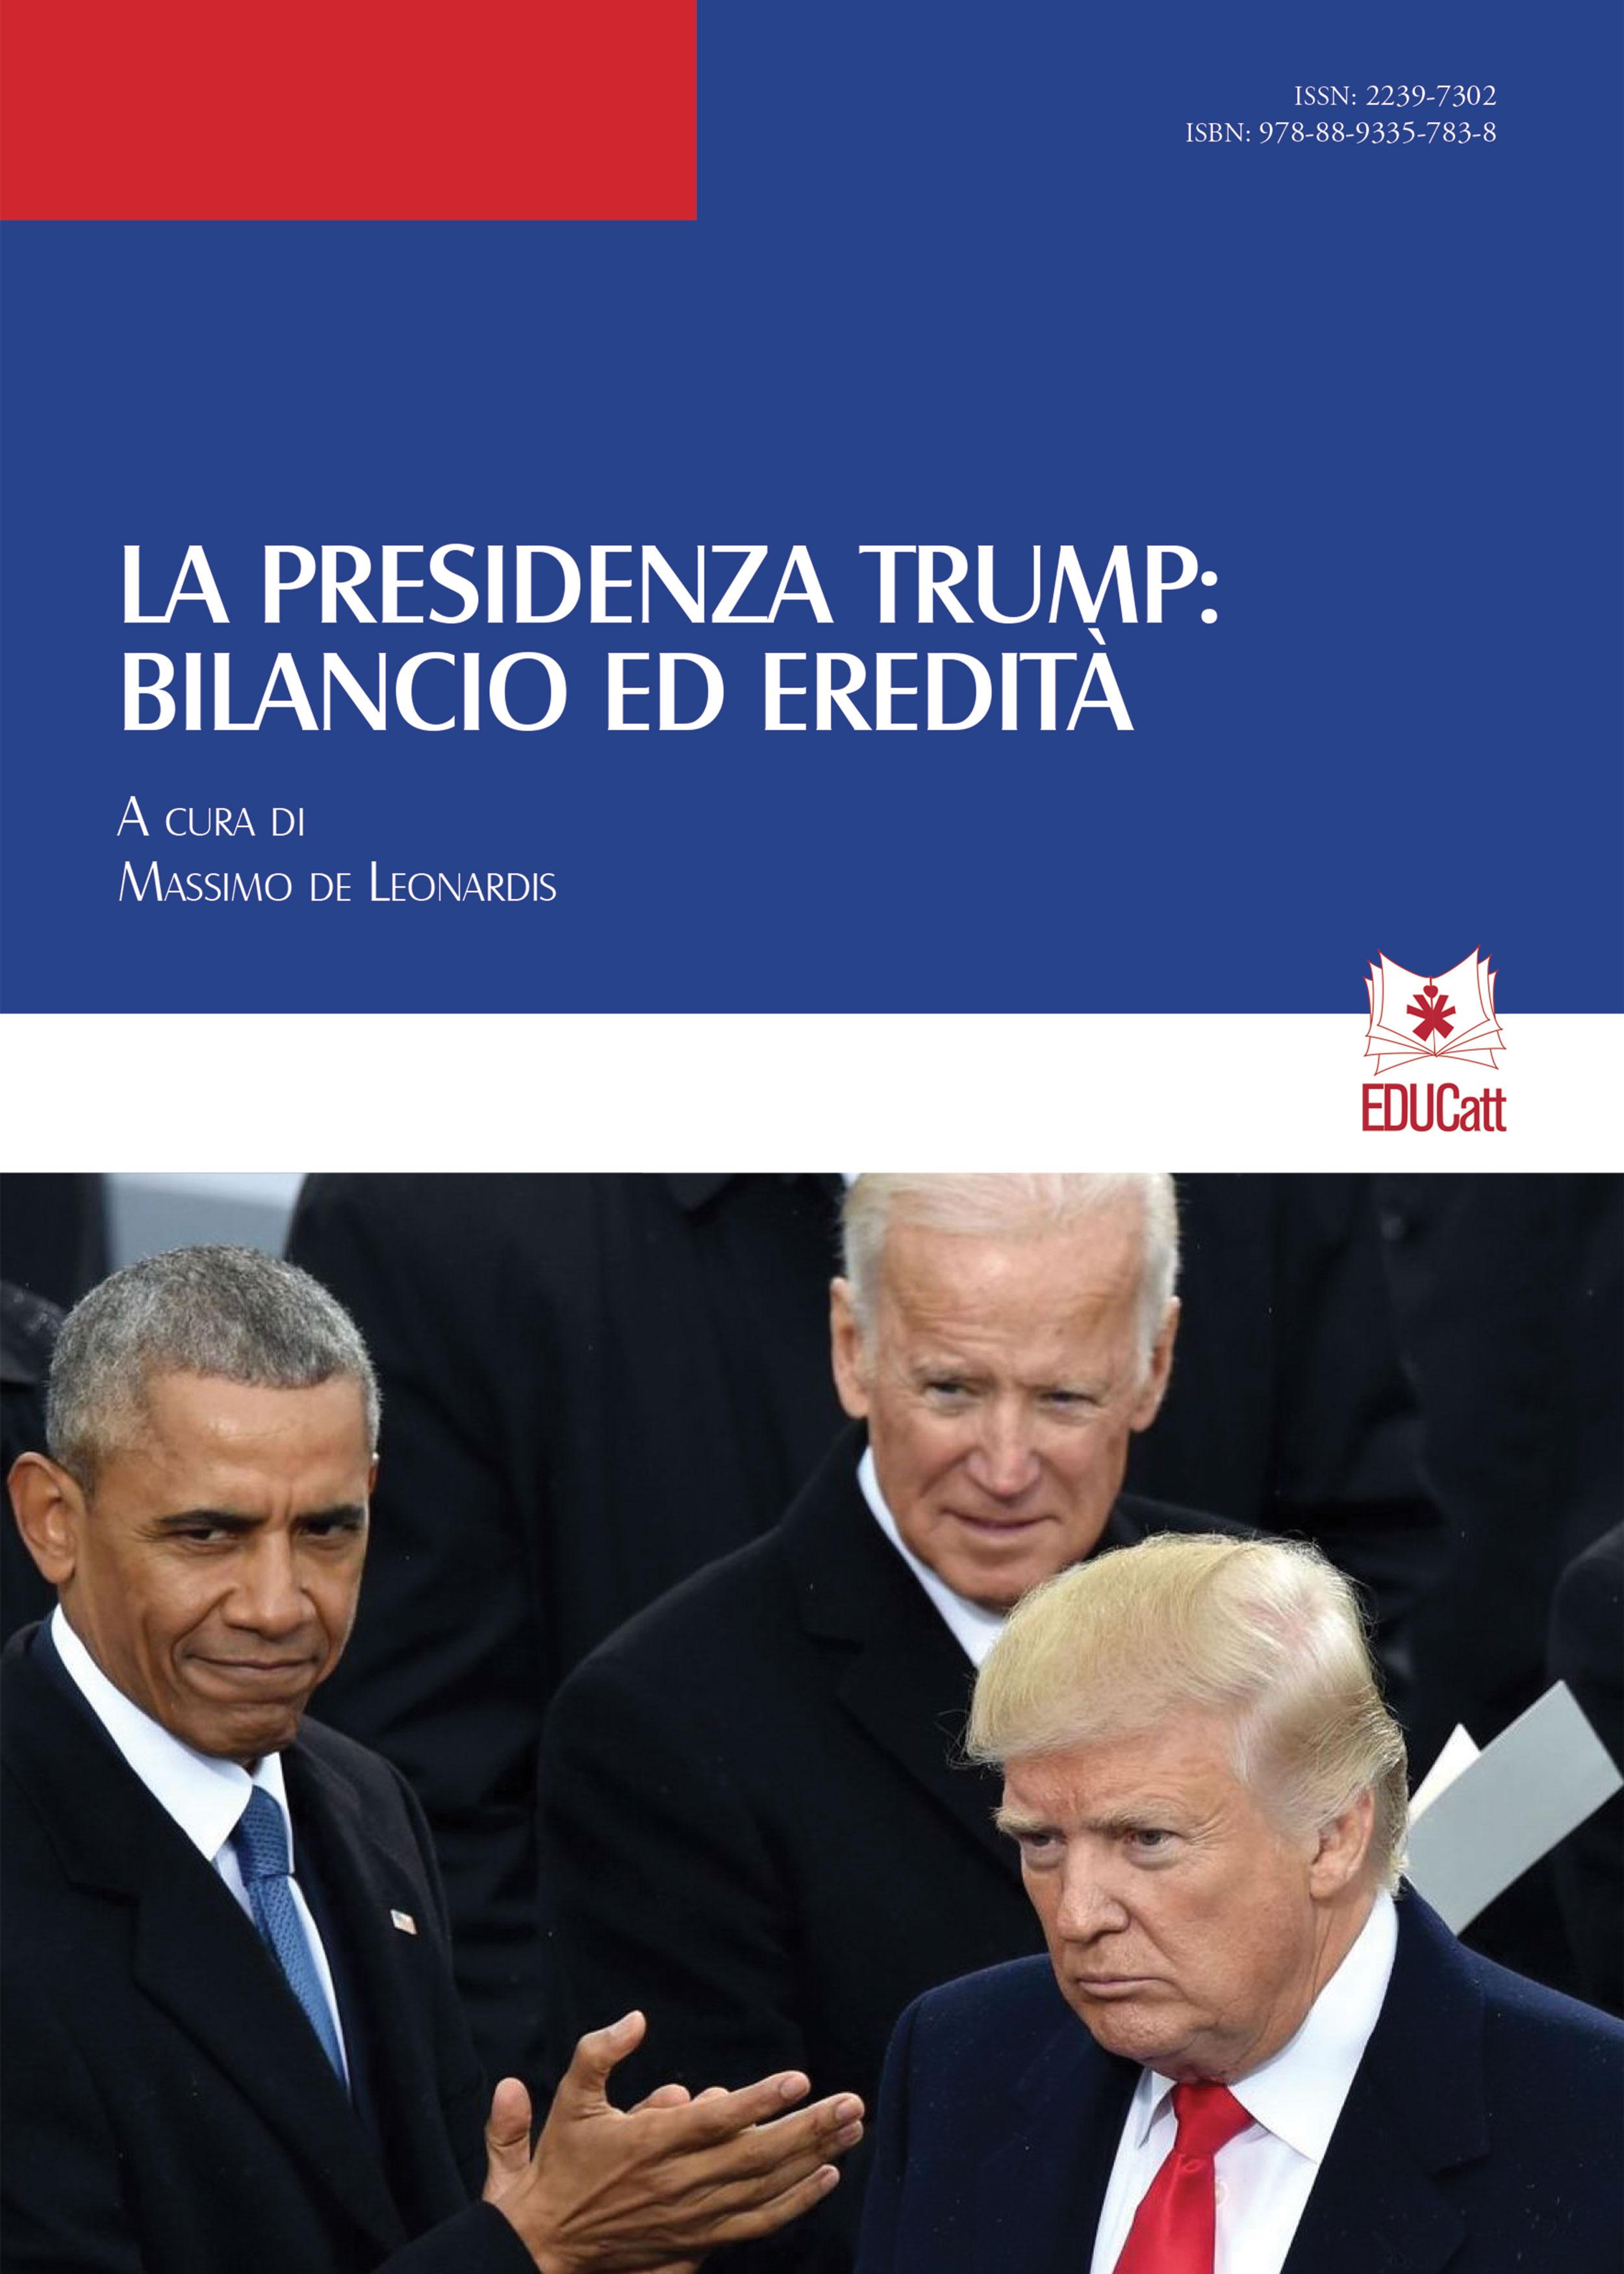 LA PRESIDENZA TRUMP: BILANCIO ED EREDITA'. QUADERNI DI SCIENZE POLITICHE 17-18/2020